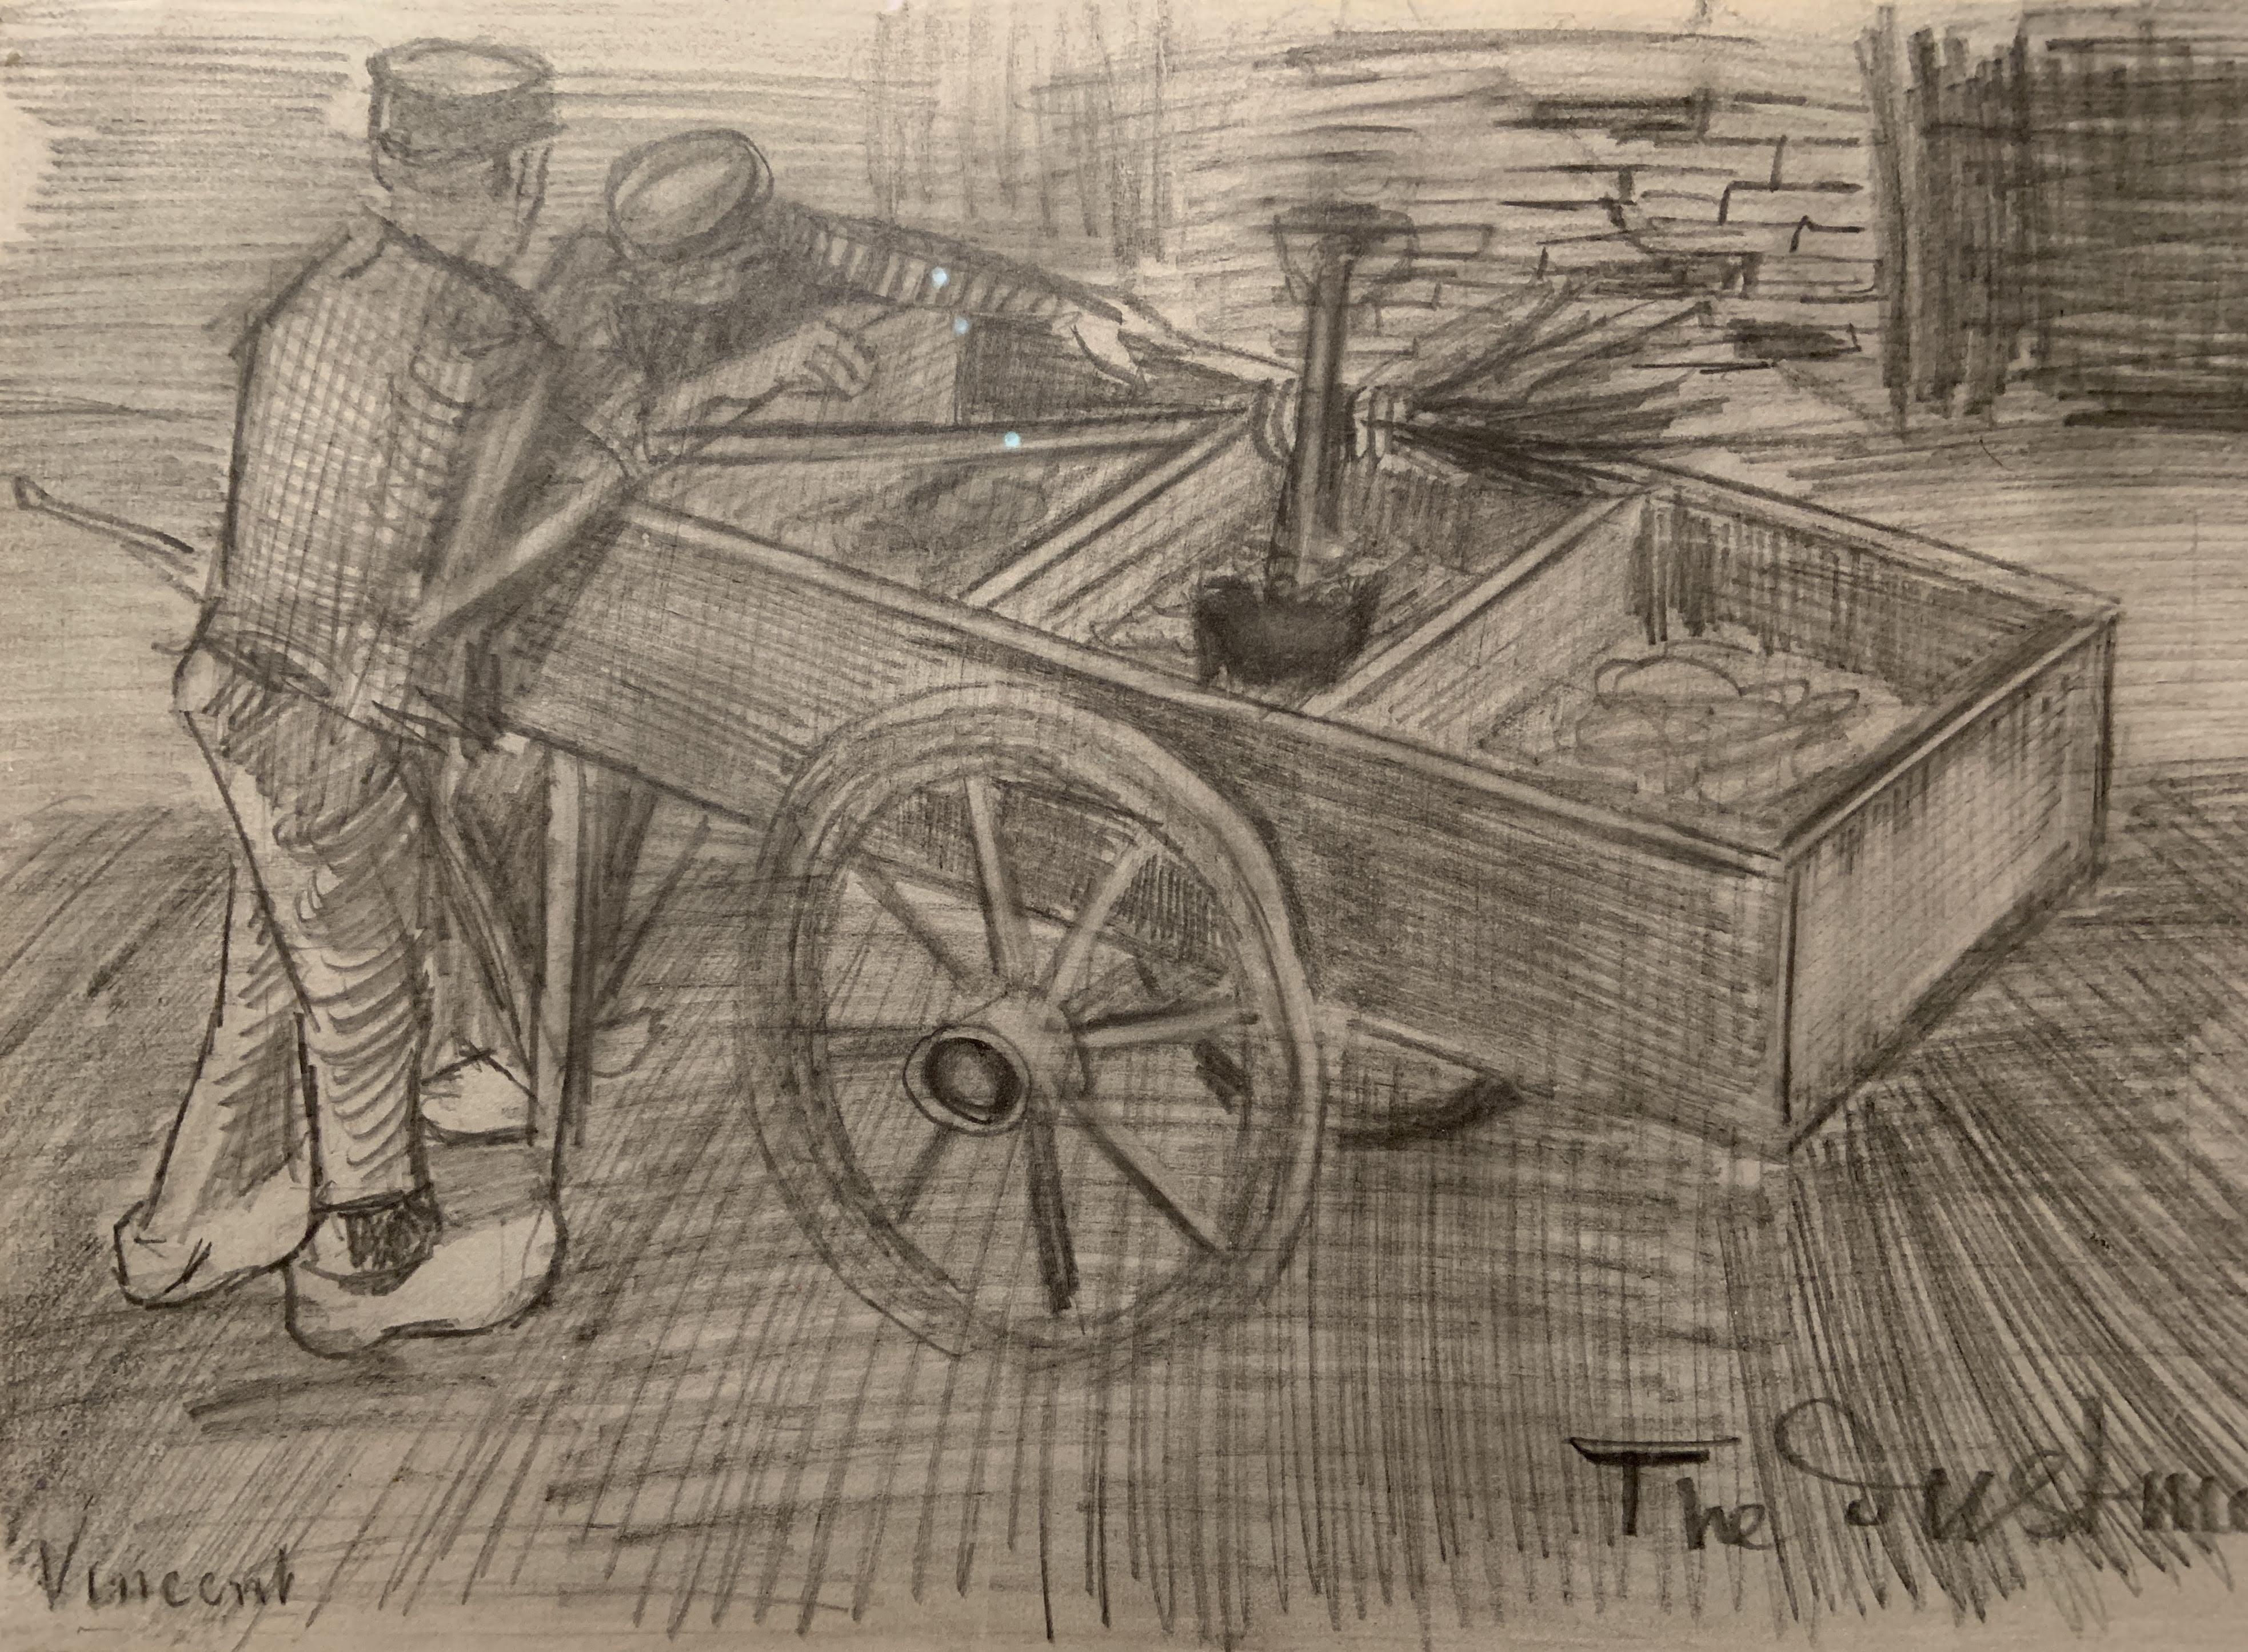 Vincent van Gogh - The Dustman. The Hague, 1883